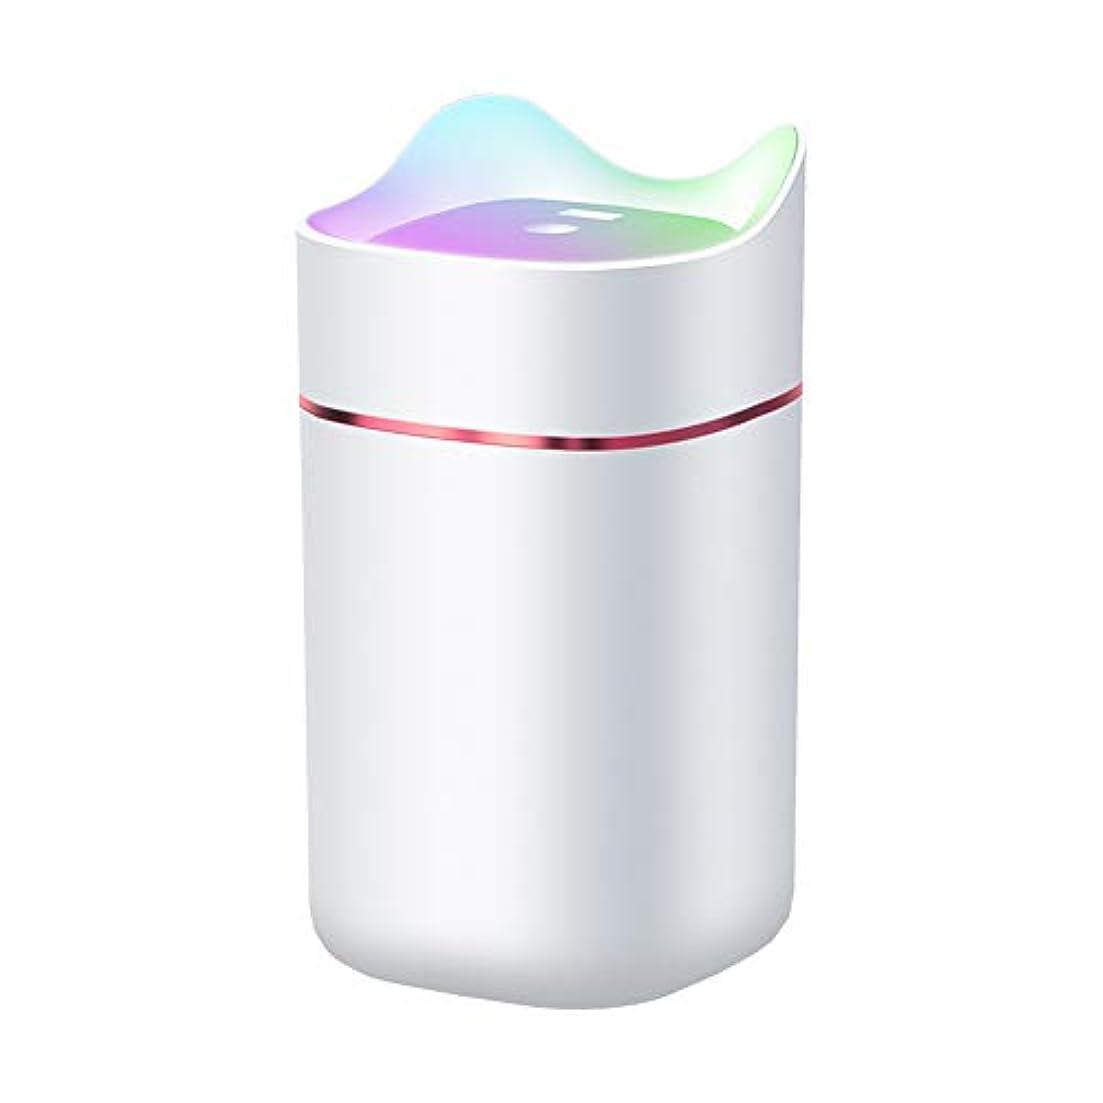 マント揺れる伝導率サイレント空気加湿器、家庭用アロマセラピーミニ加湿器、自動シャットダウンと7色の夜間照明機能